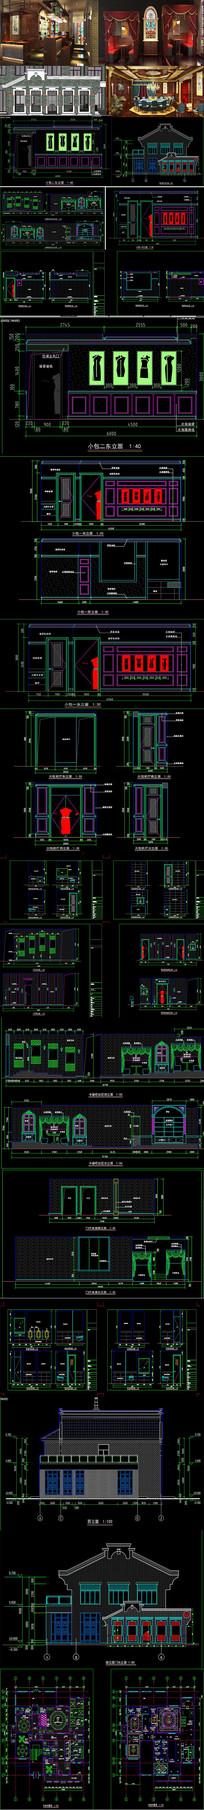 民国餐厅CAD施工图 效果图